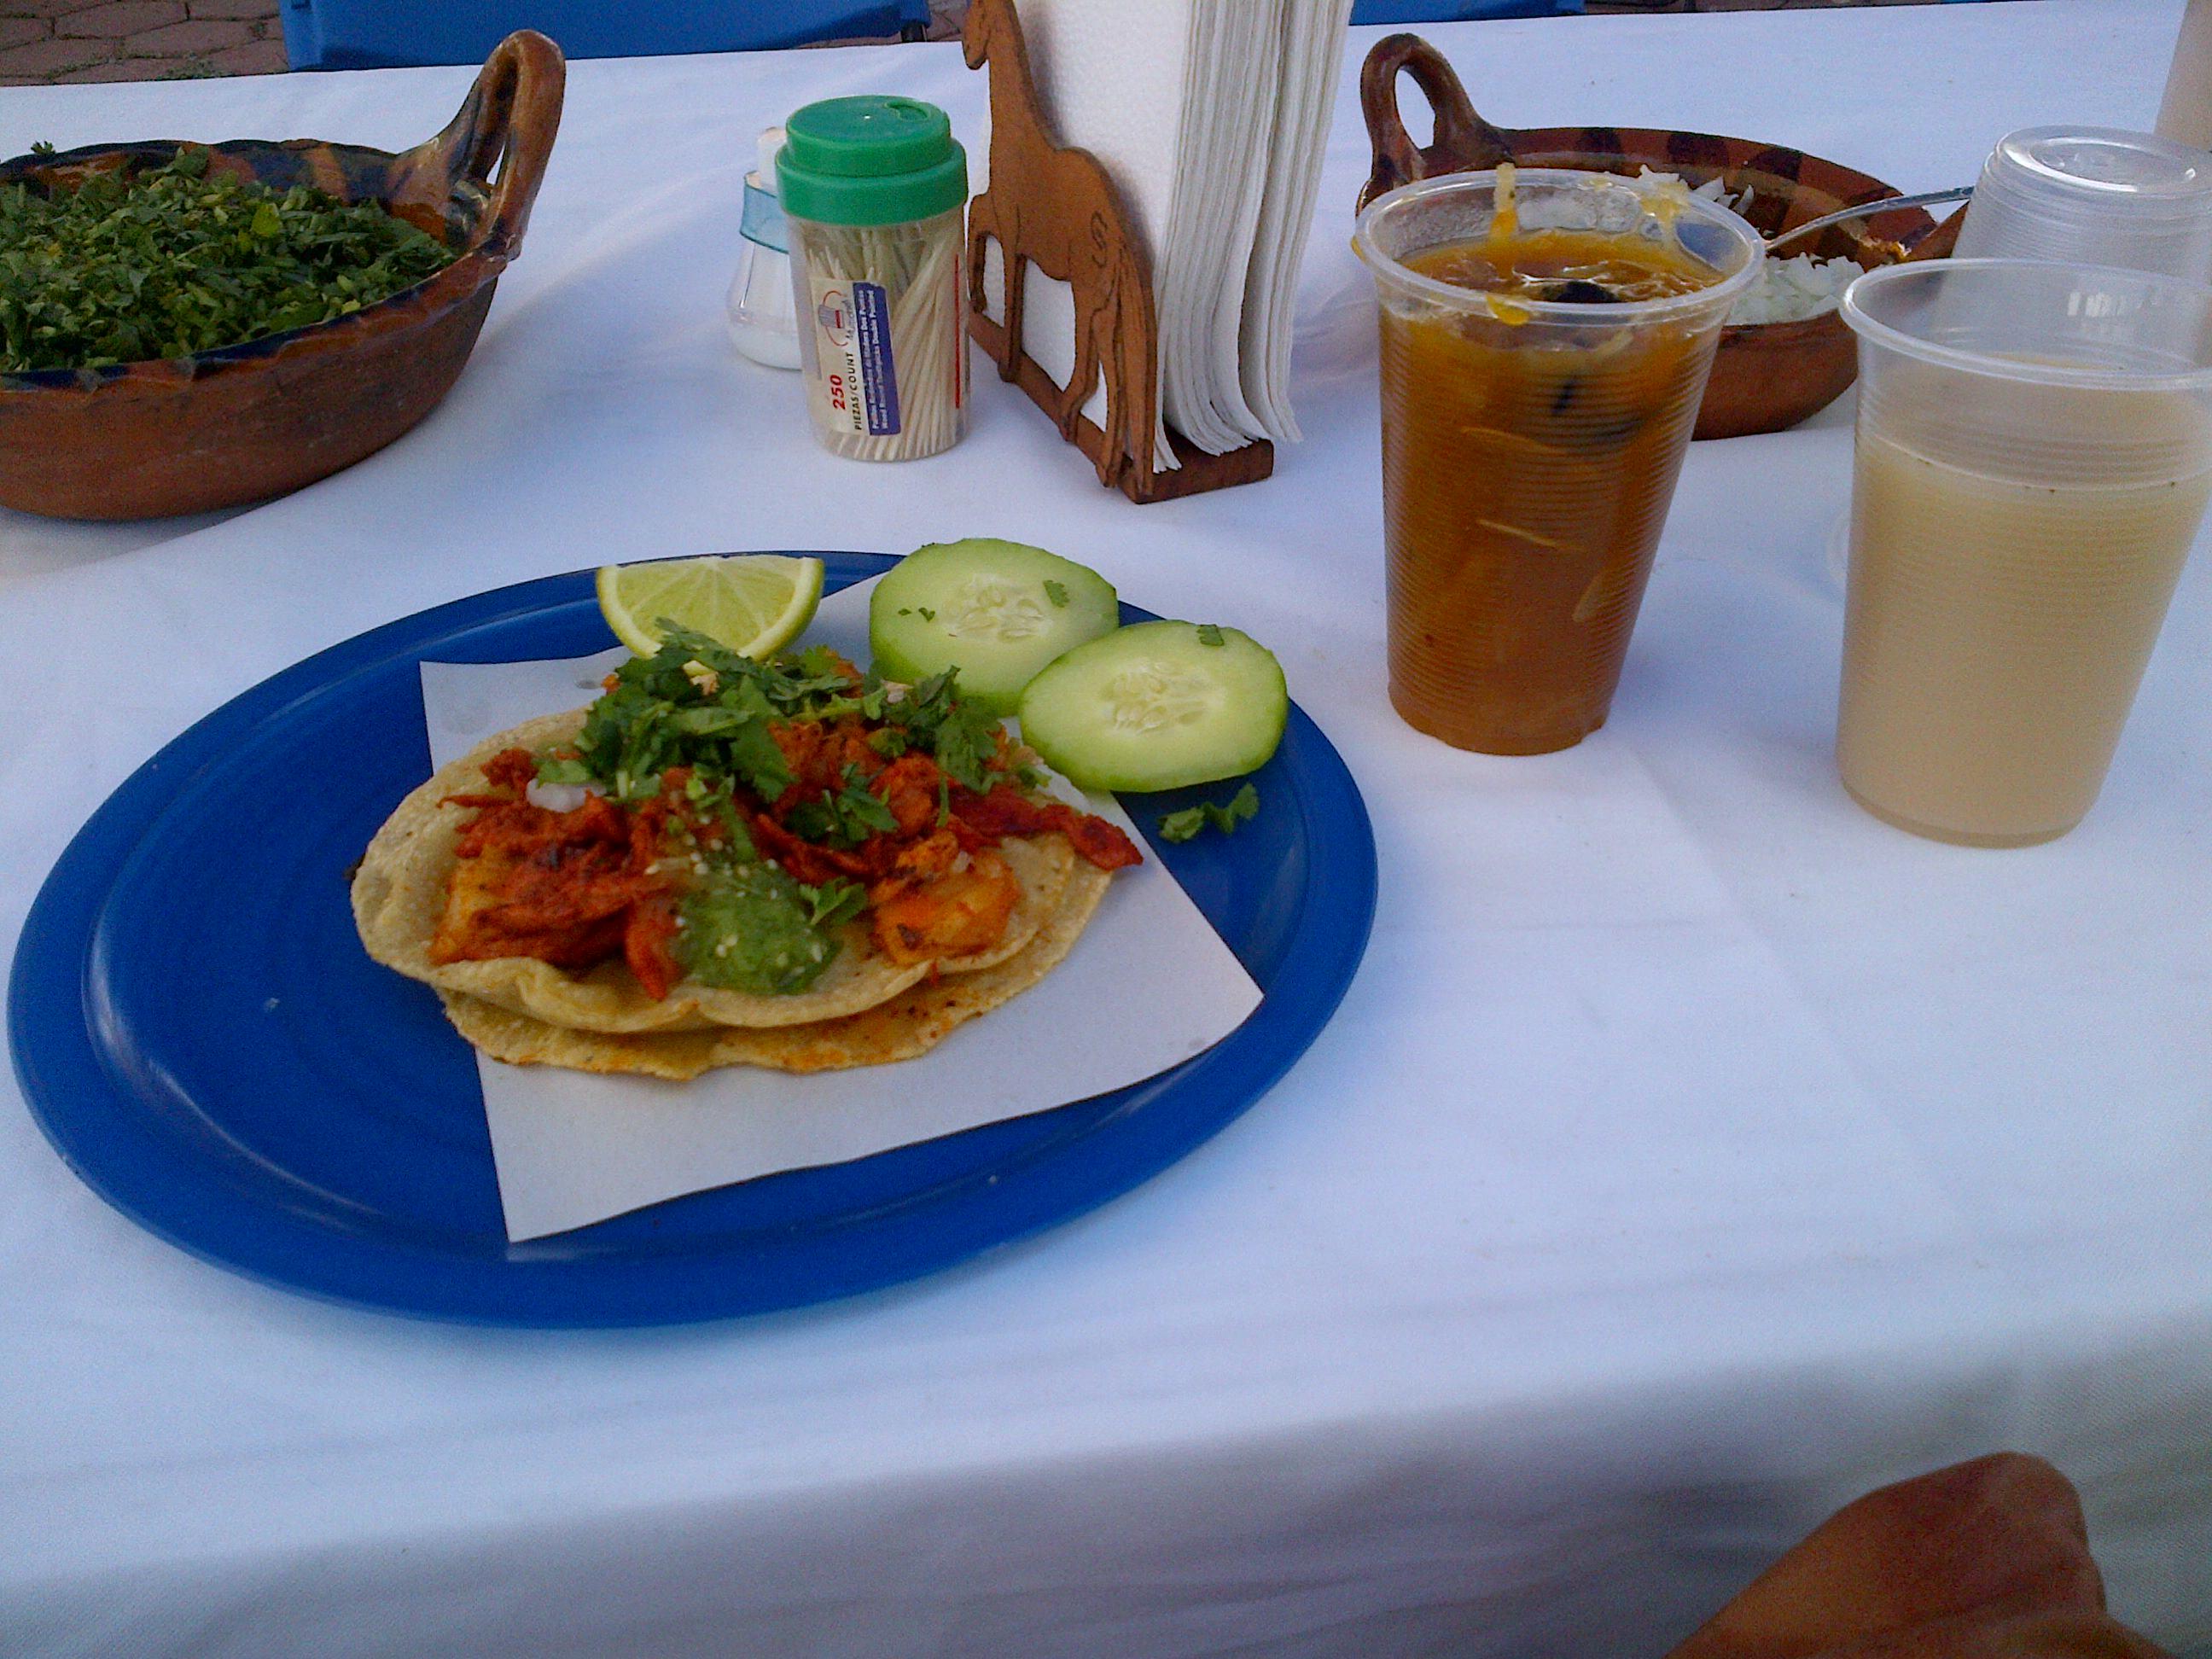 Vaso con agua de chilacayote, vaso con horchata  y taco de carne enchilada poblana